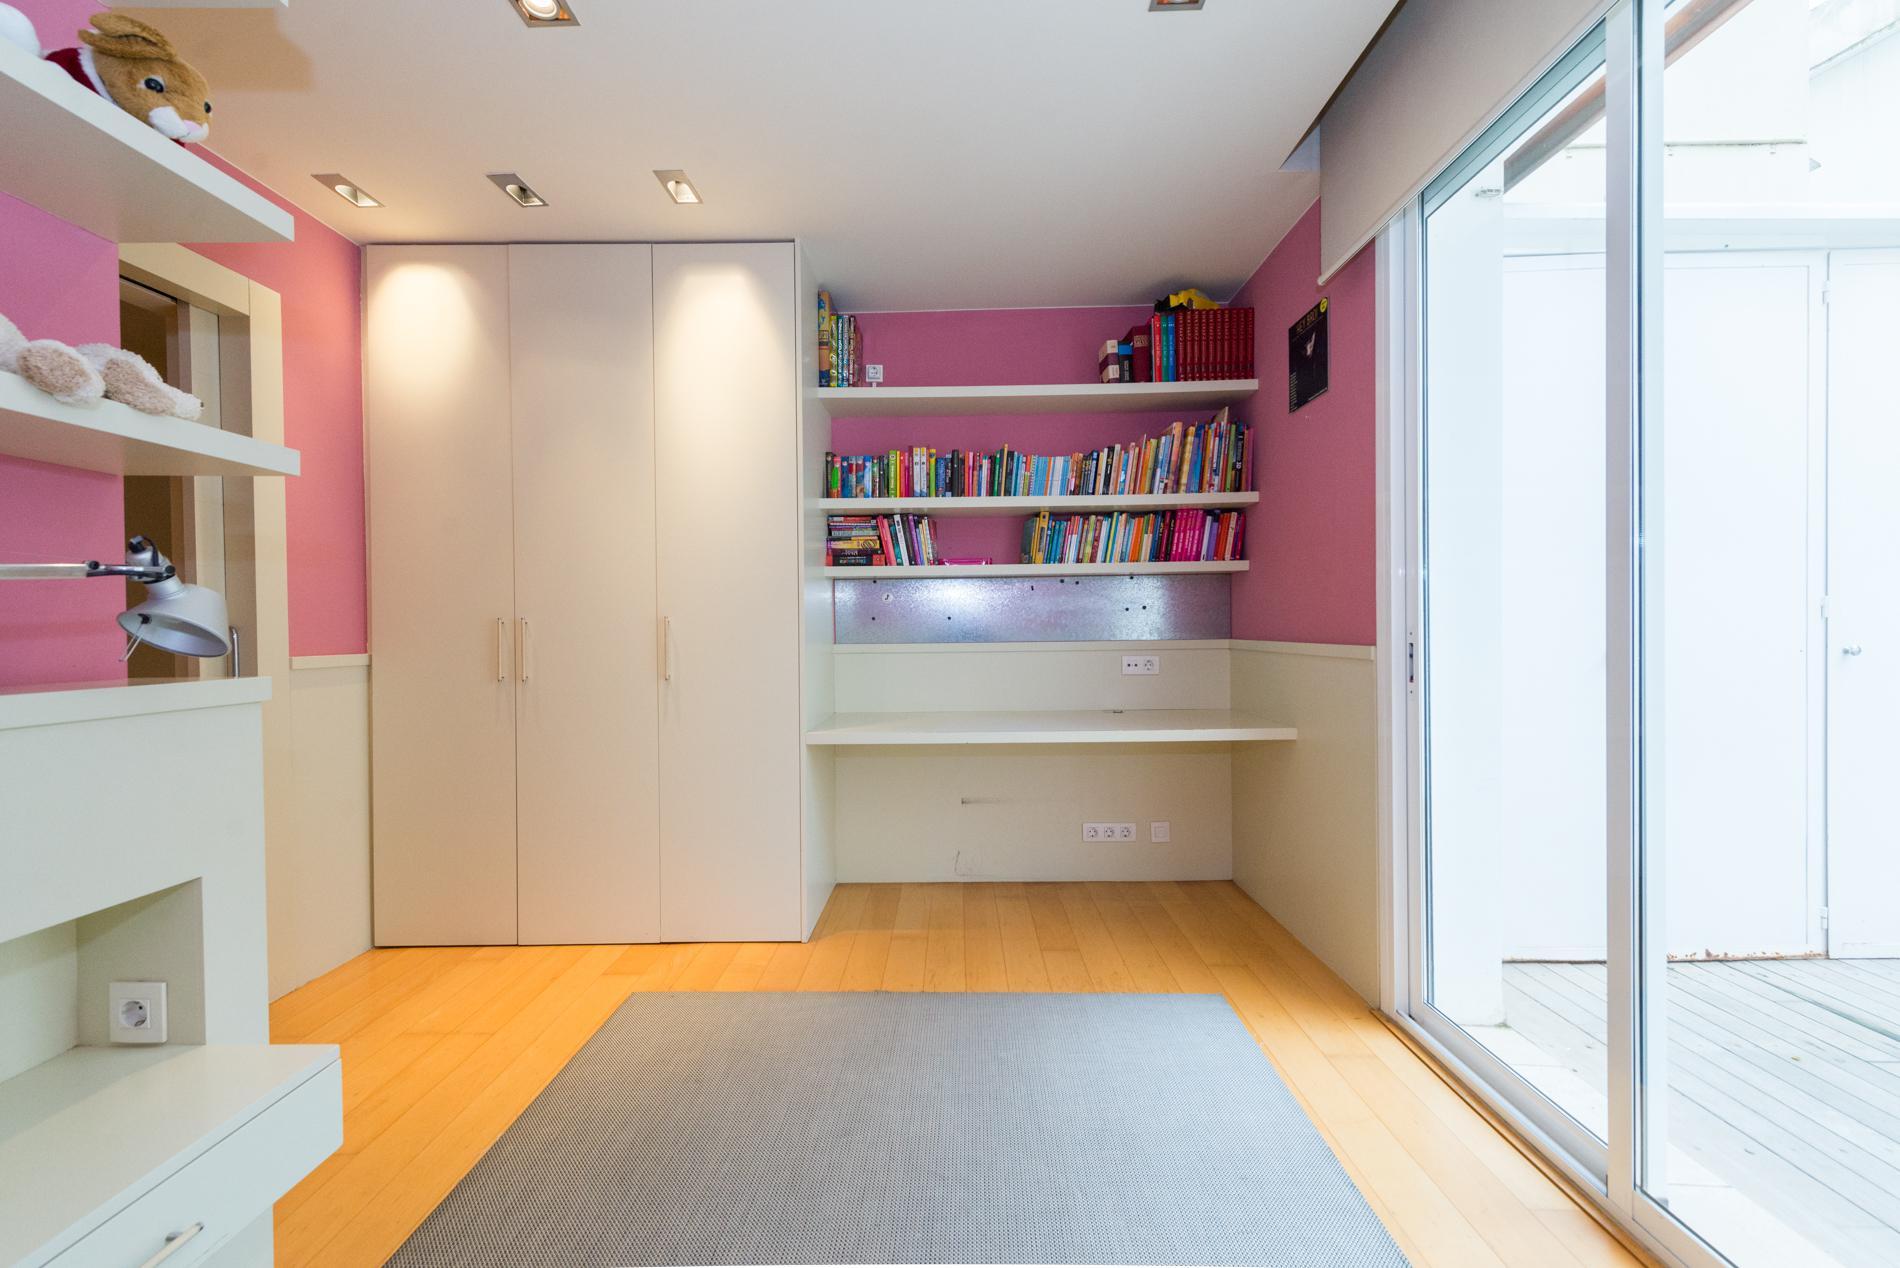 247761 Ground Floor for sale in Sarrià-Sant Gervasi, St. Gervasi-Bonanova 19